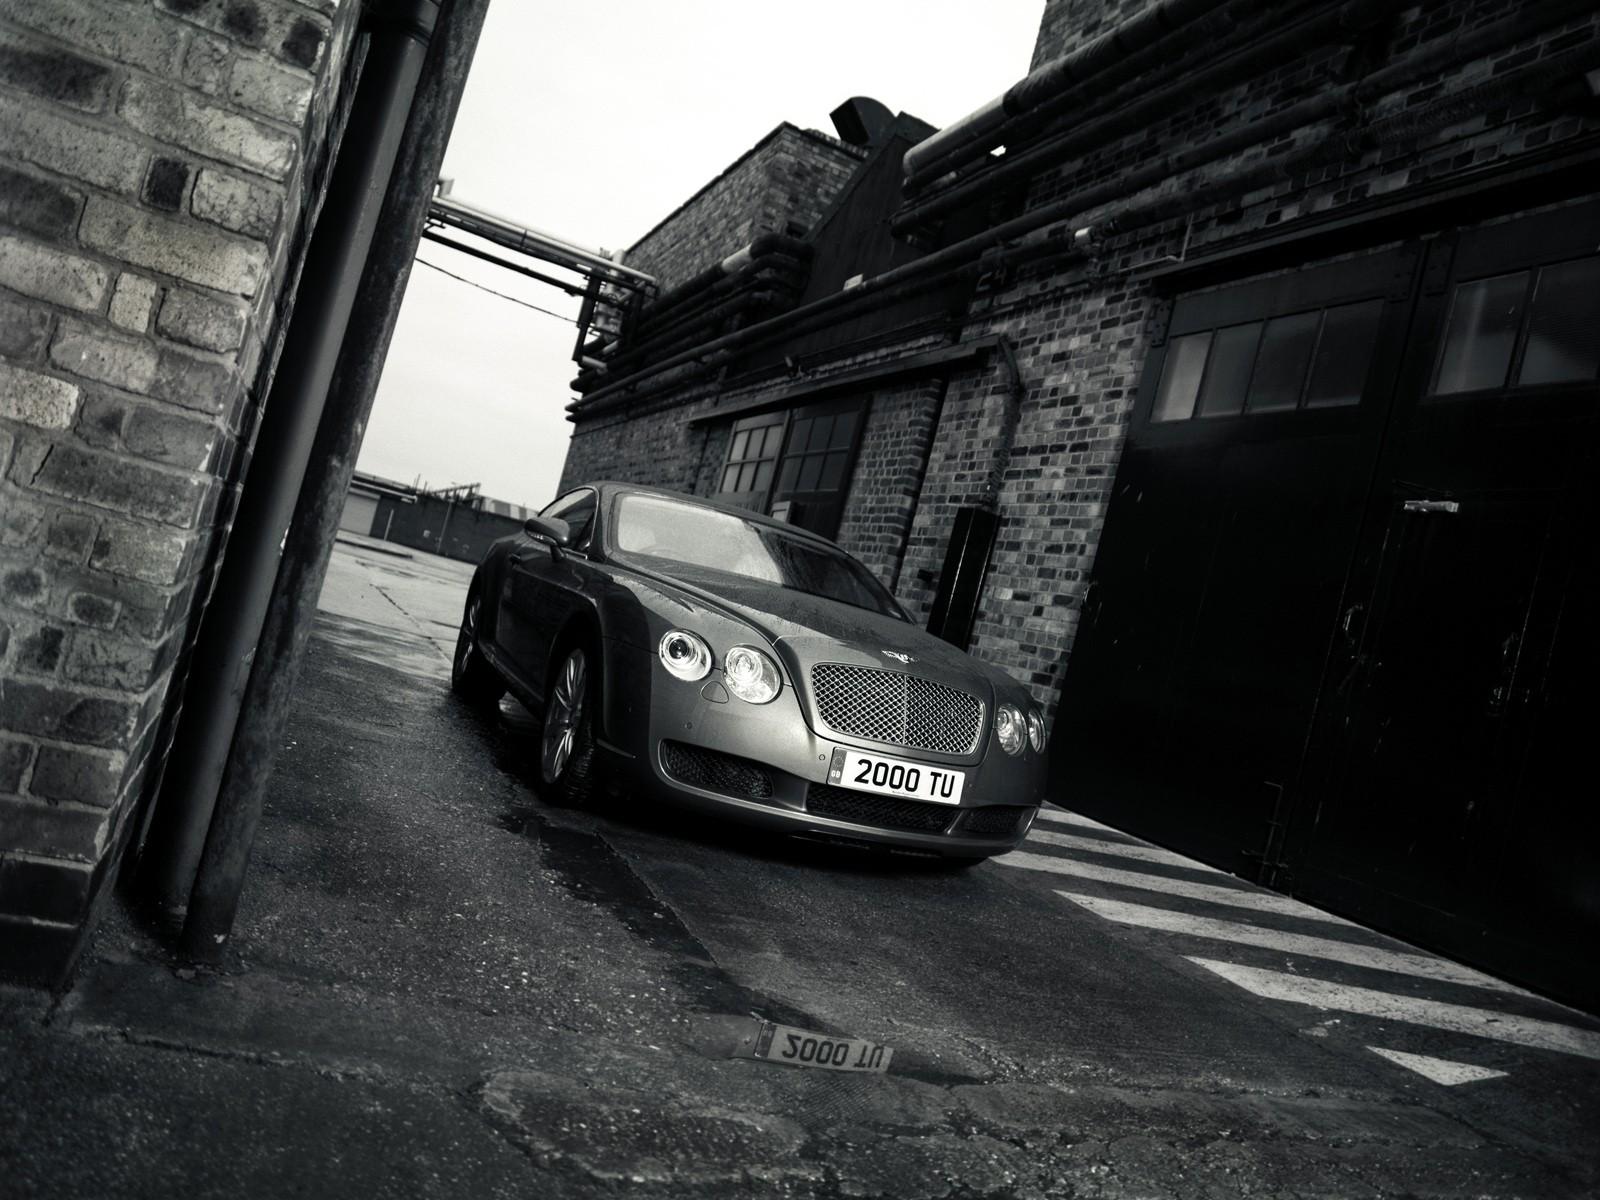 Hintergrundbilder schwarz einfarbig Fahrzeug Sportwagen